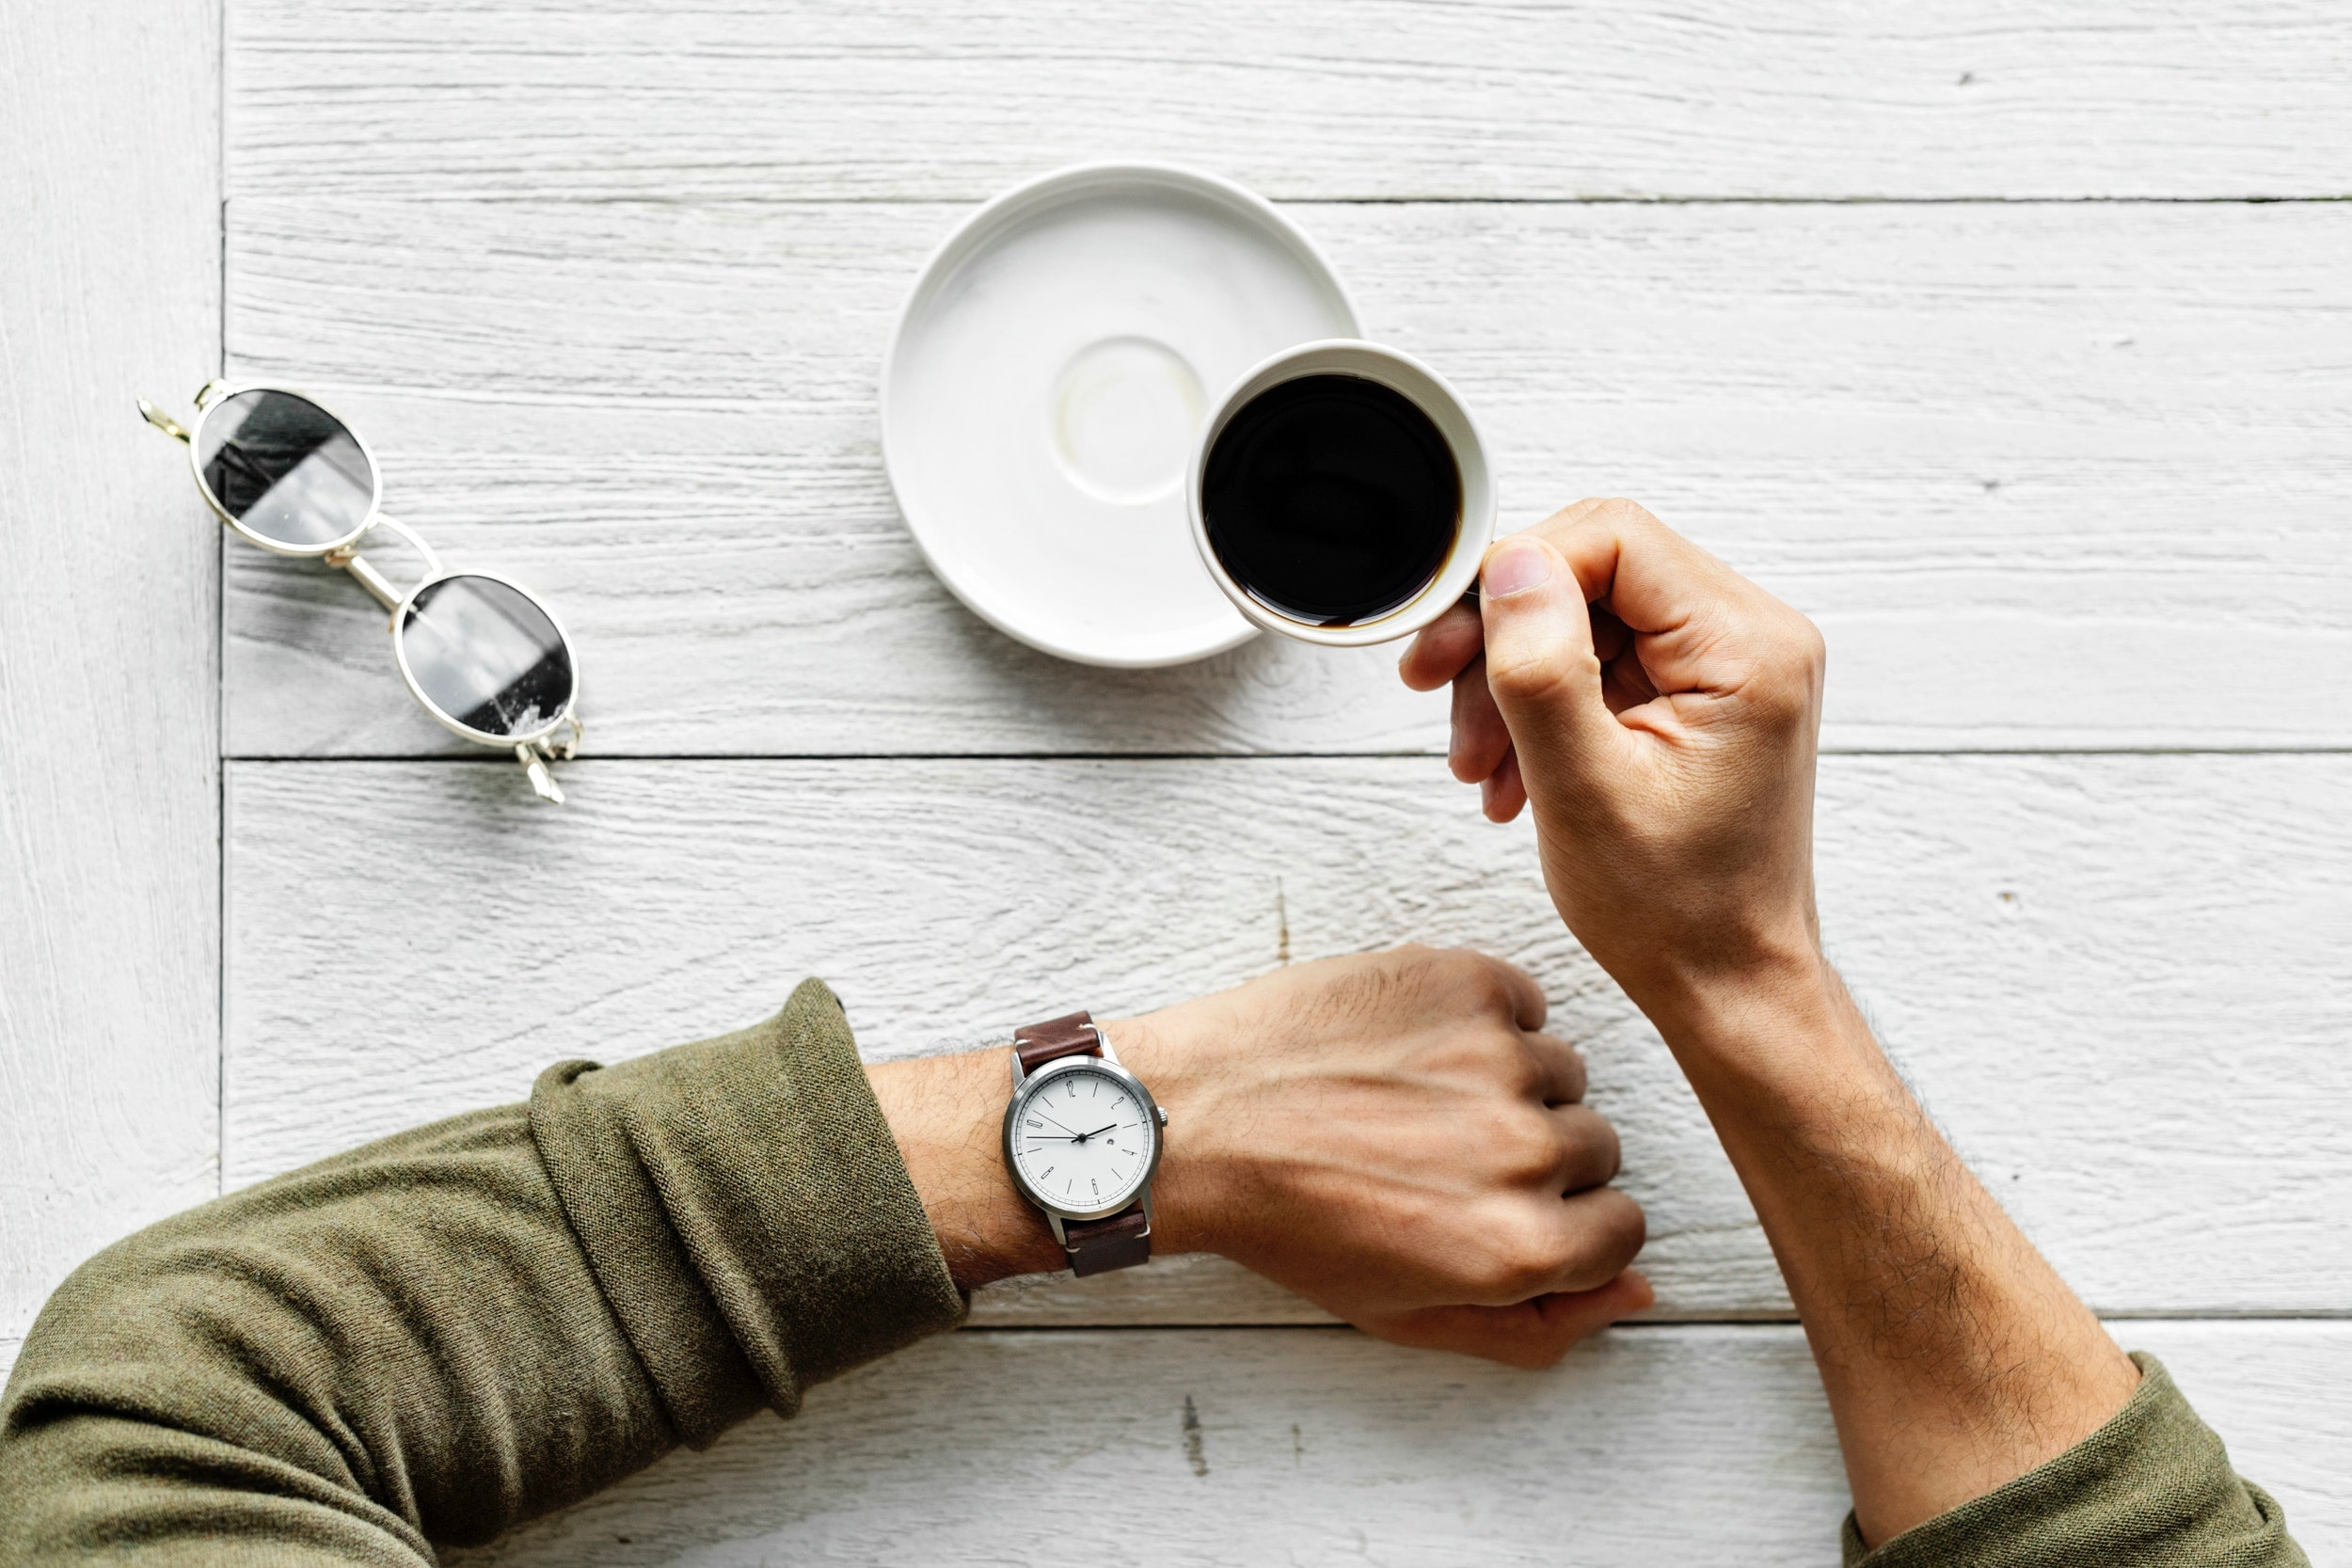 Person taking a coffee break.